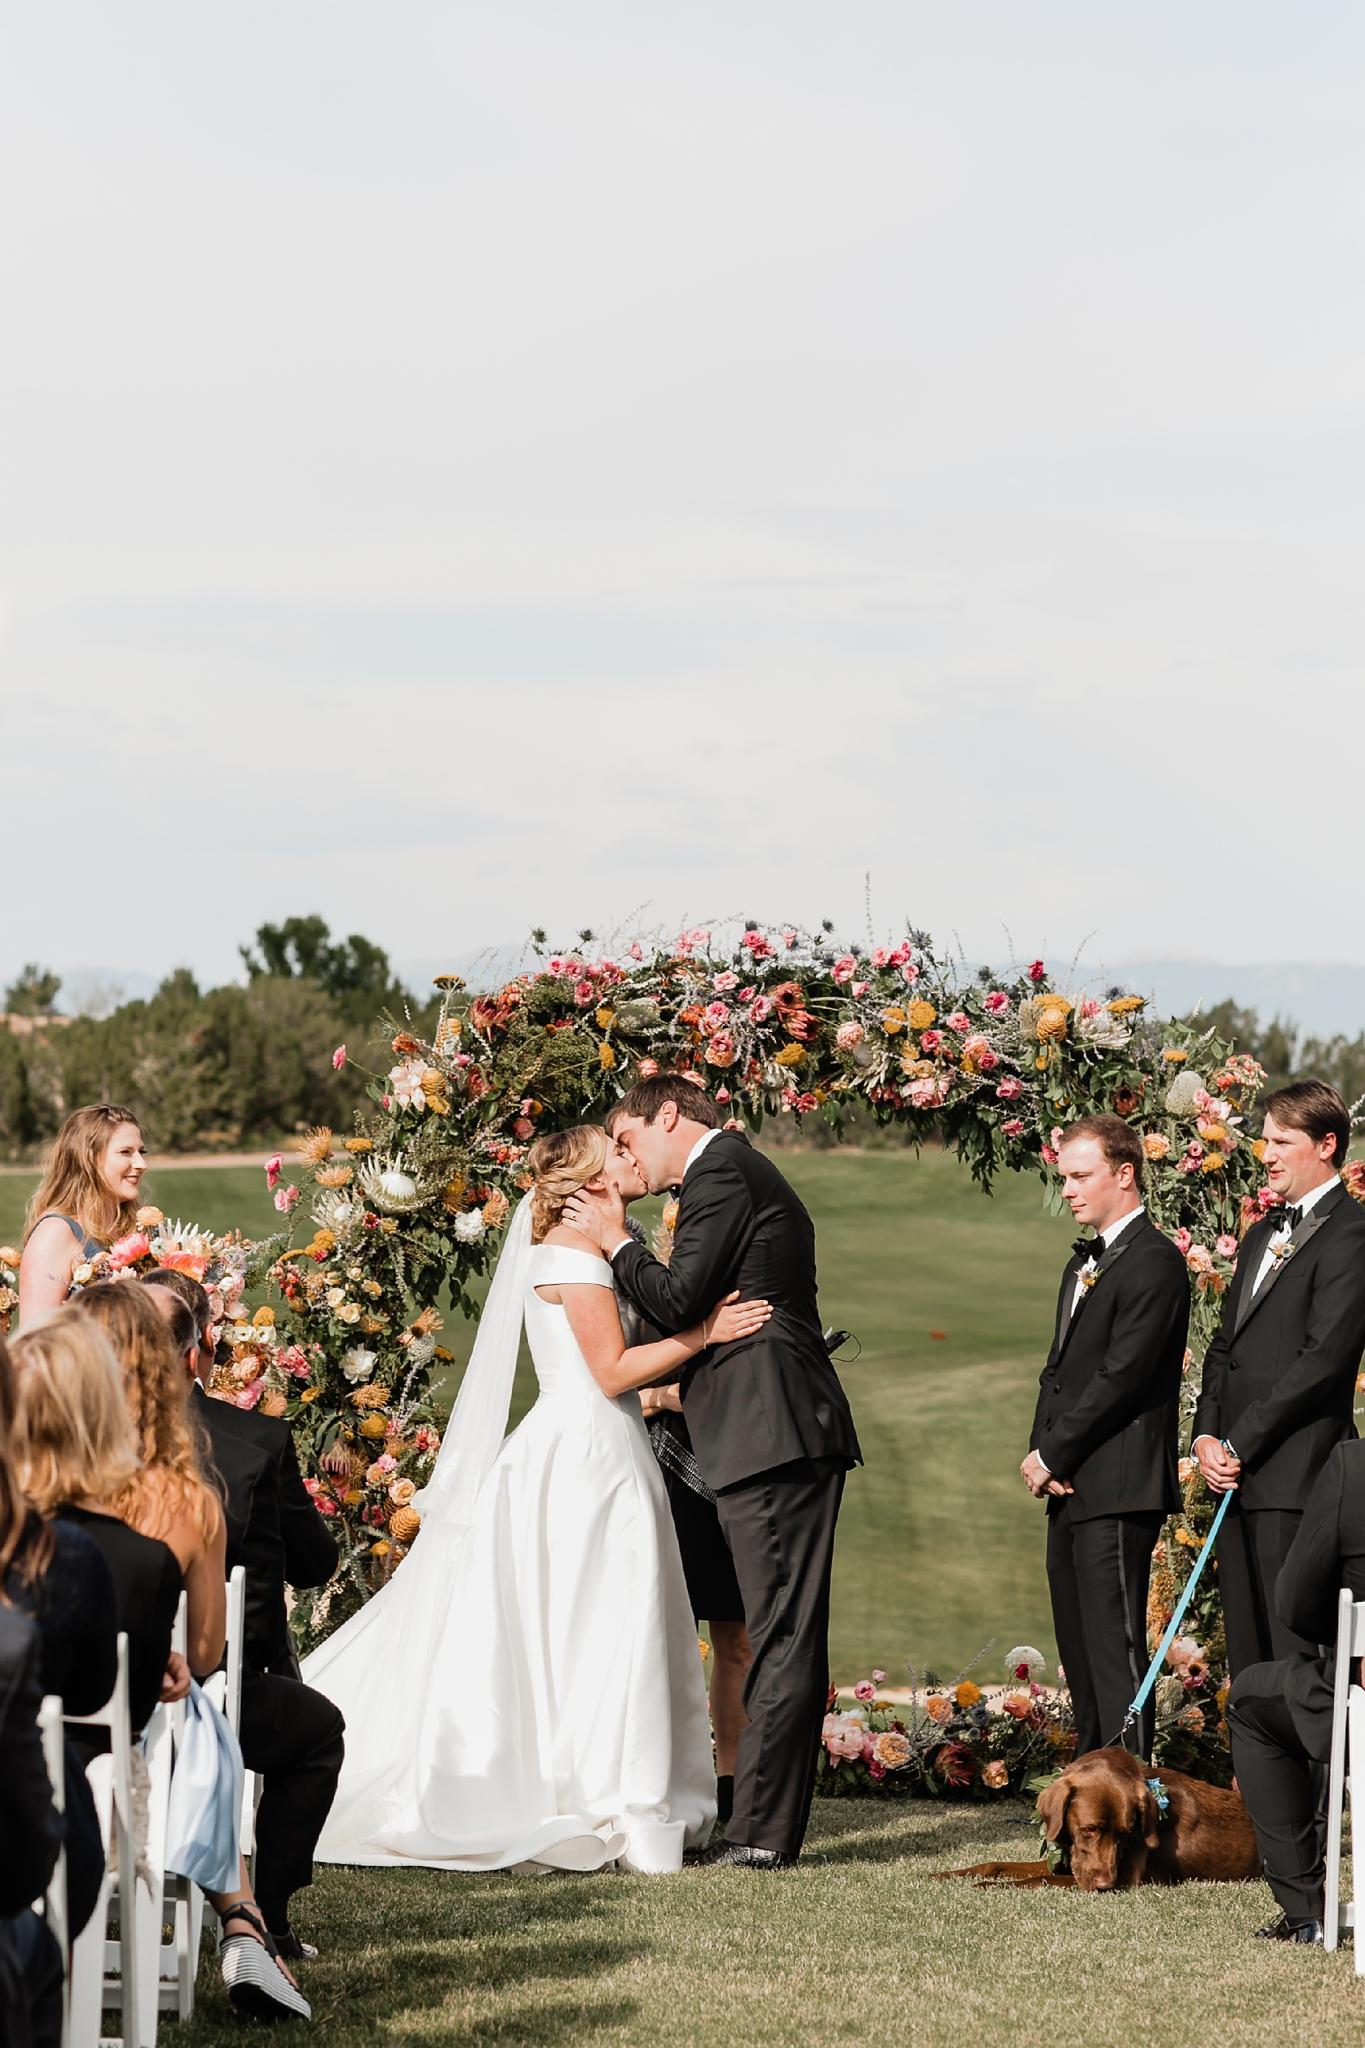 Alicia+lucia+photography+-+albuquerque+wedding+photographer+-+santa+fe+wedding+photography+-+new+mexico+wedding+photographer+-+new+mexico+wedding+-+las+campanas+wedding+-+santa+fe+wedding+-+maximalist+wedding+-+destination+wedding_0064.jpg